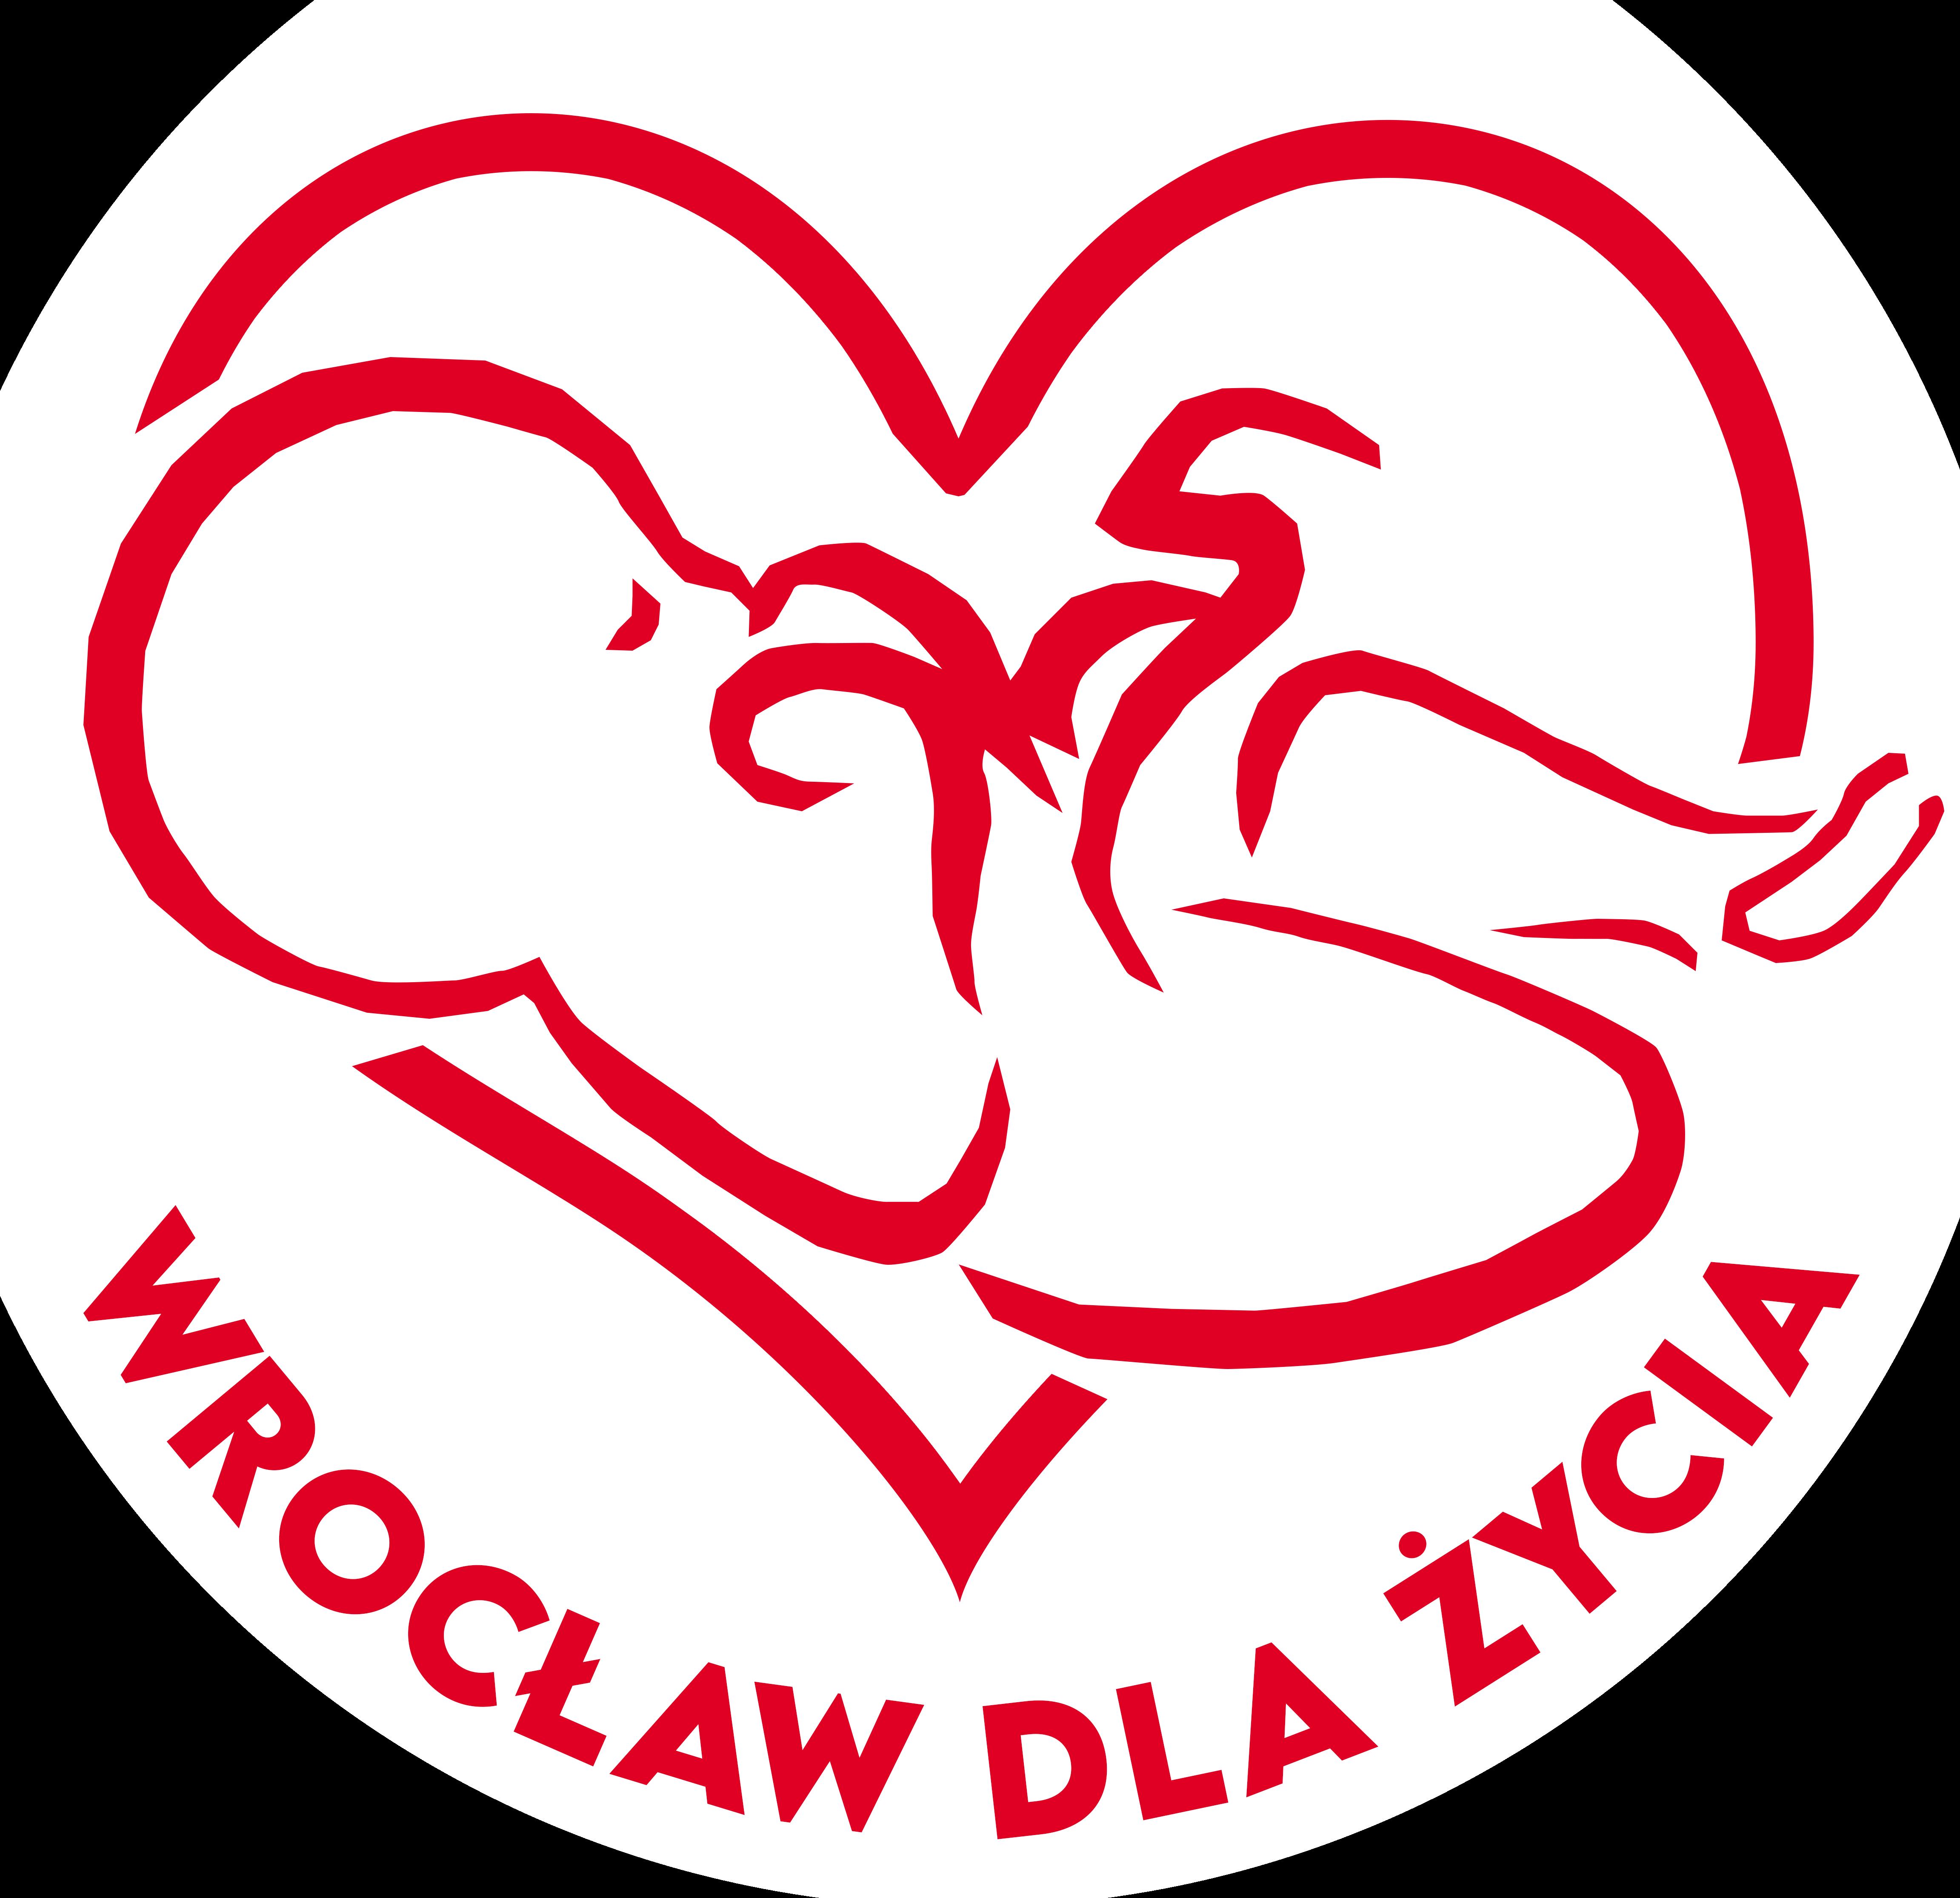 Wrocław dla Życia